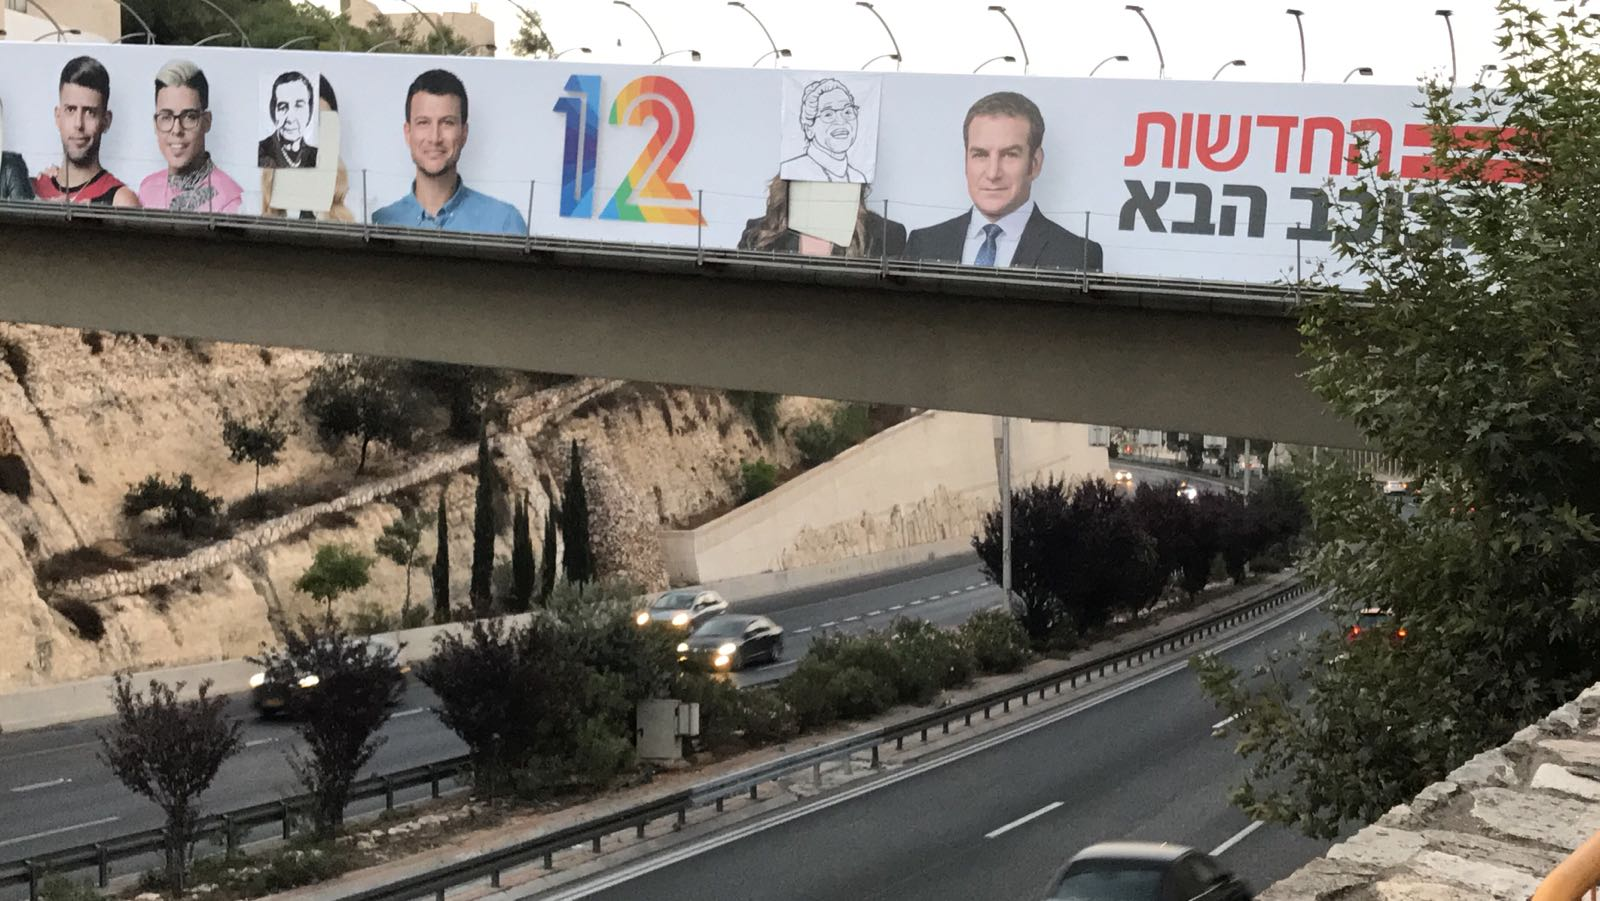 שלט החוצות שהושחת בכביש בגין (צילום: התעוררות)